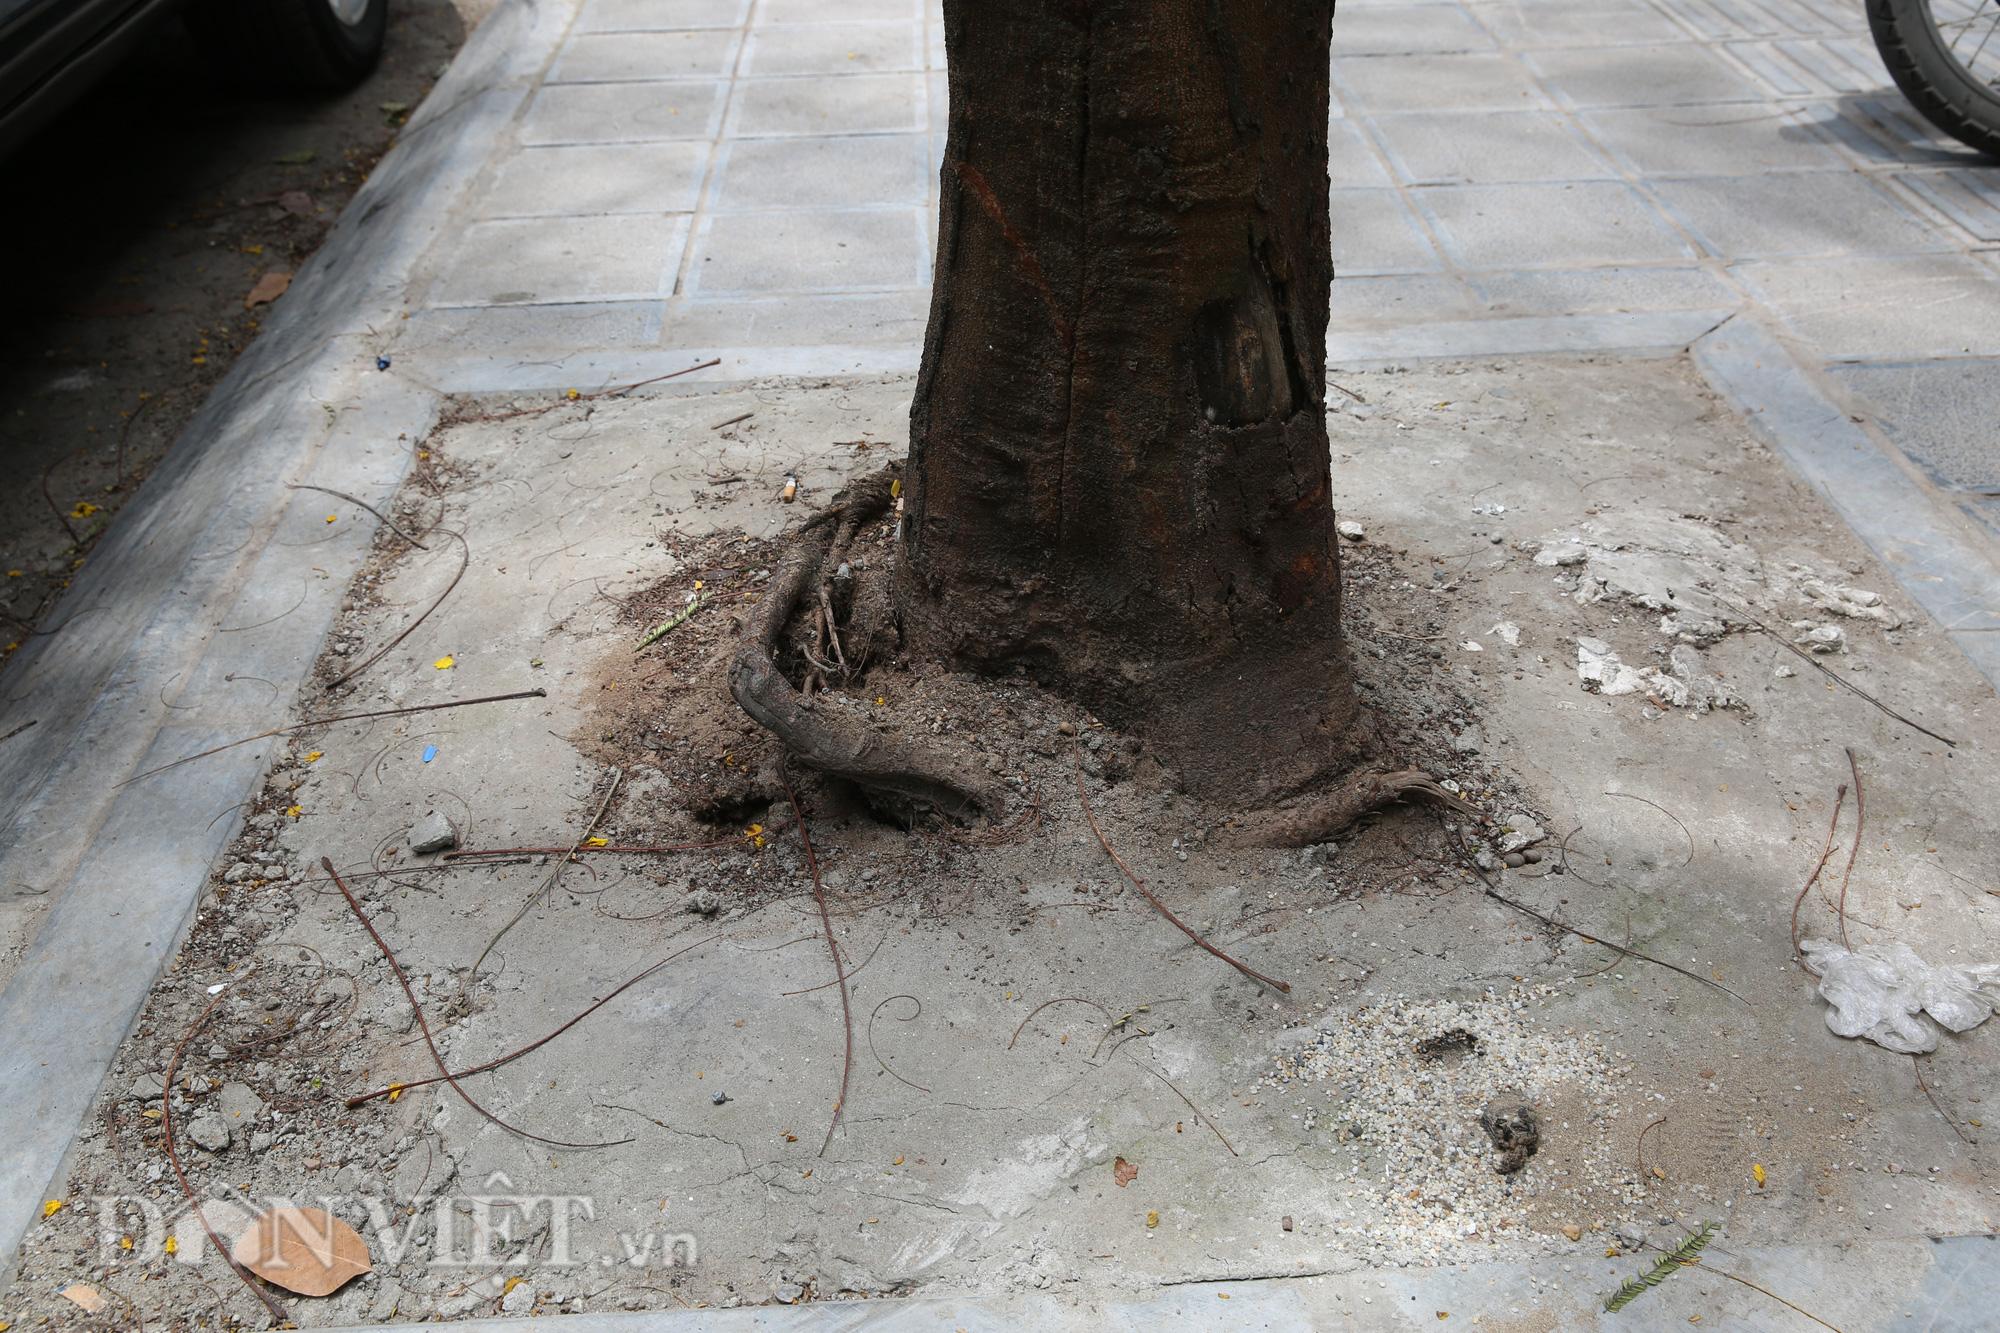 """Thi công cải tạo vỉa hè ẩu, """"bức tử"""" cây xanh tại Hà Nội - Ảnh 3."""